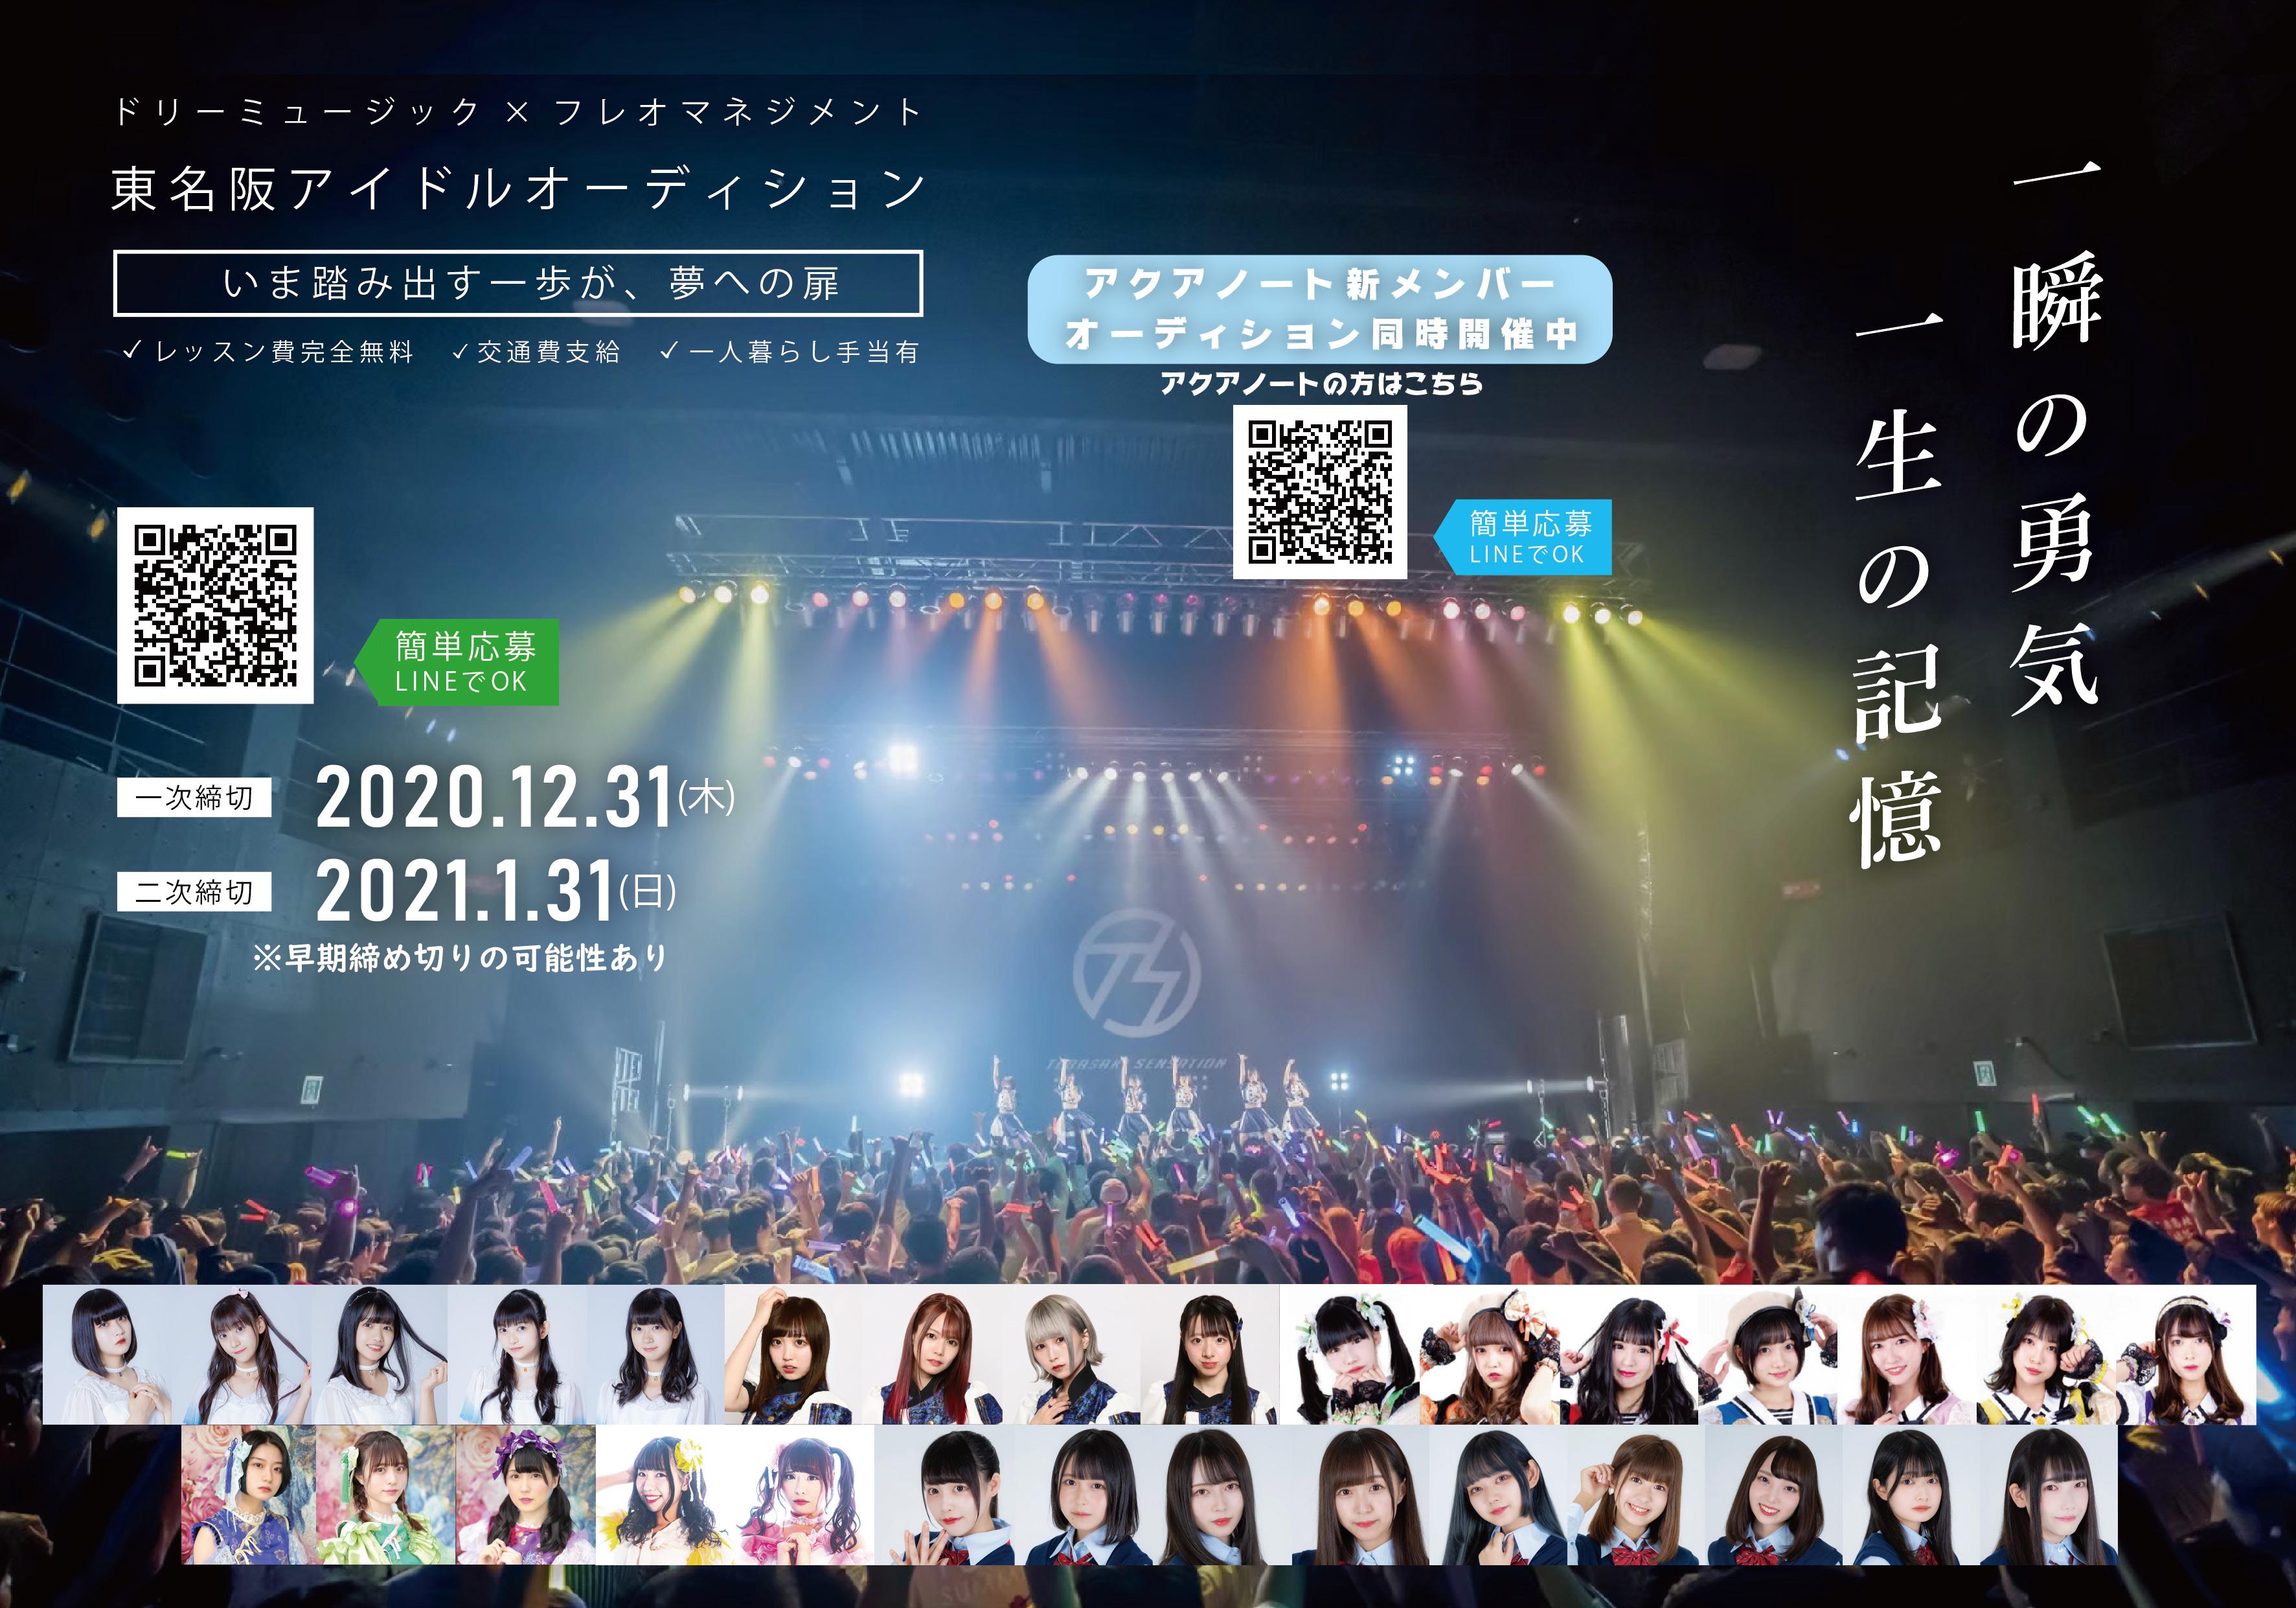 オーディション ドリーミュージック×フレオマネジメントアイドルオーディション 「既存グループの新メンバー」「新規グループの初期メンバー」を募集します 主催:㈱フレオマネジメント、カテゴリ:アイドル(正統派)